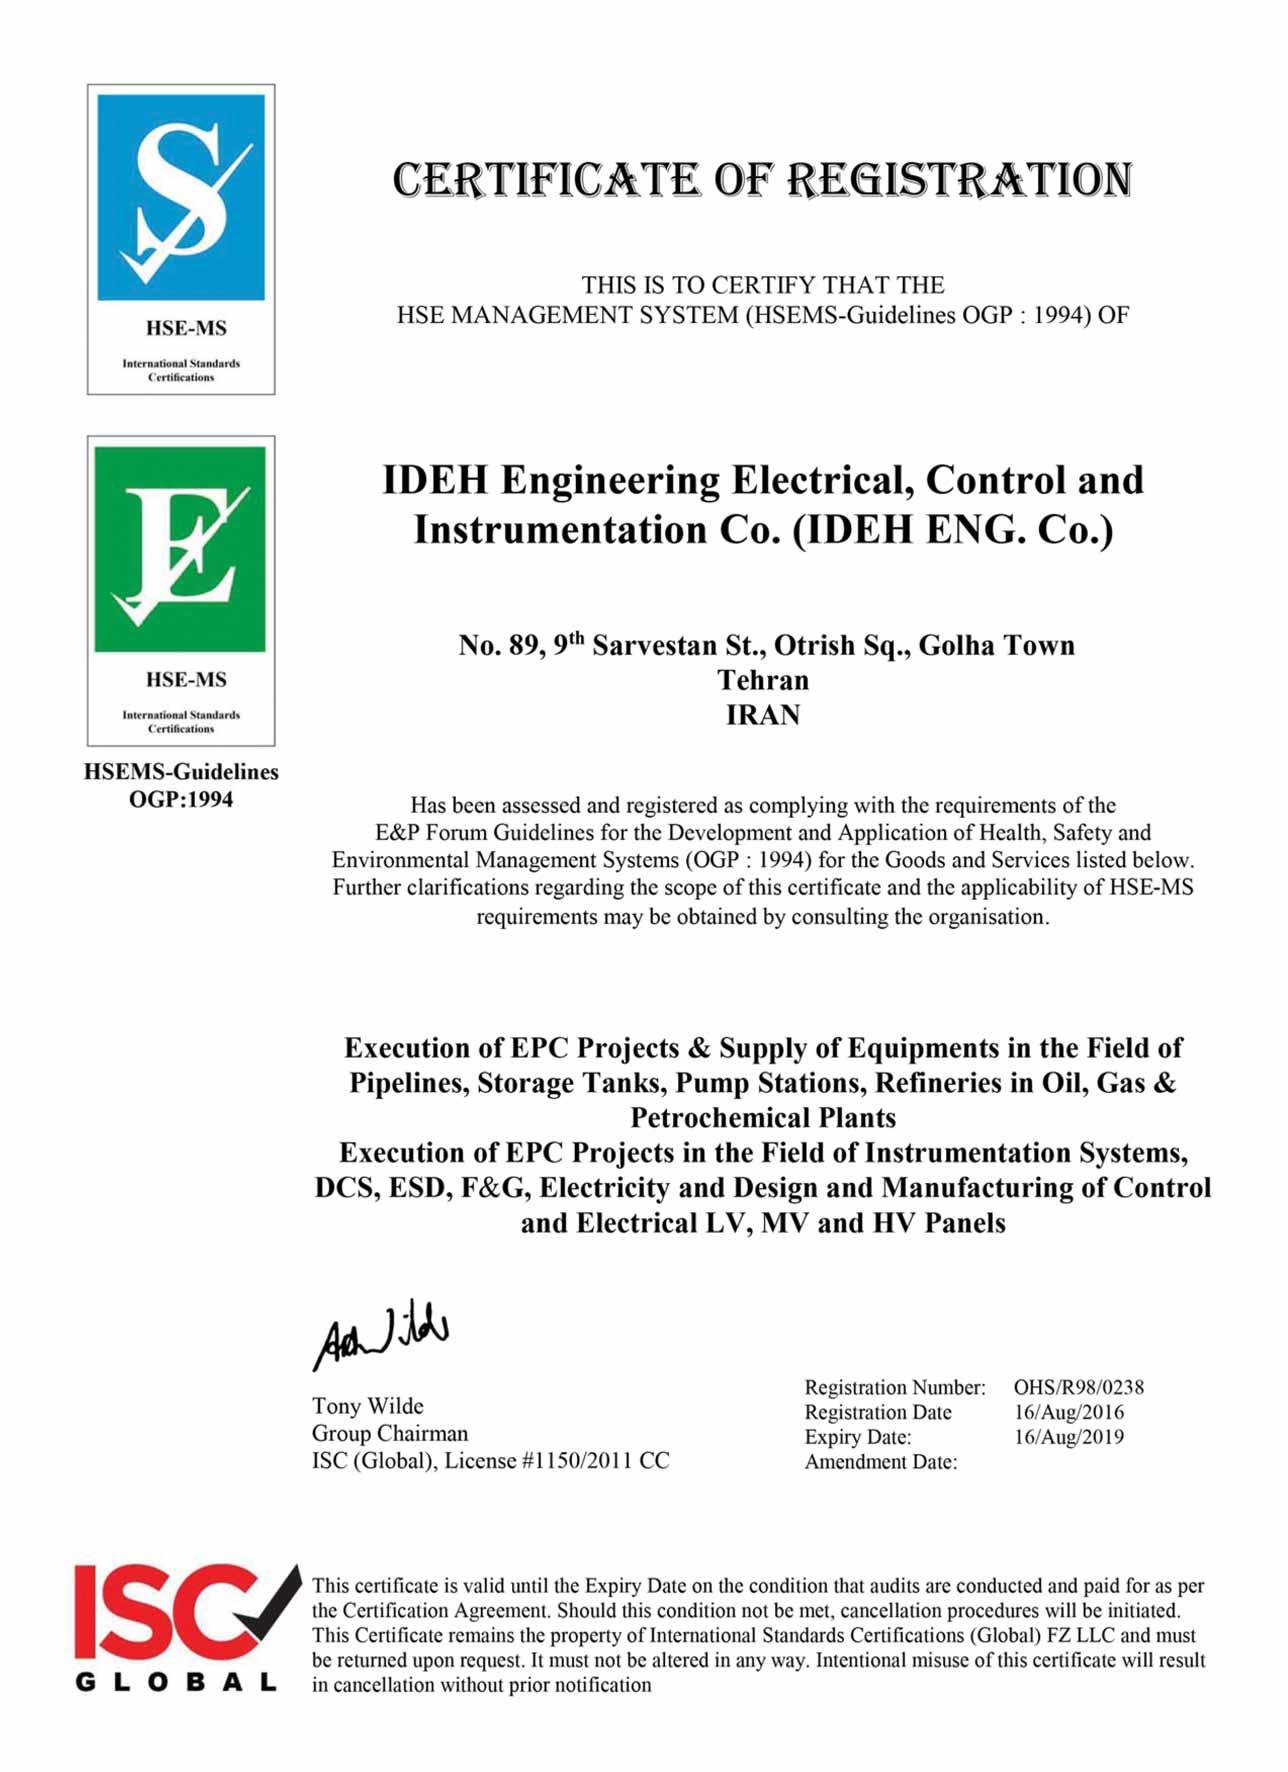 گواهینامه HSE شرکت ایده (ص1)